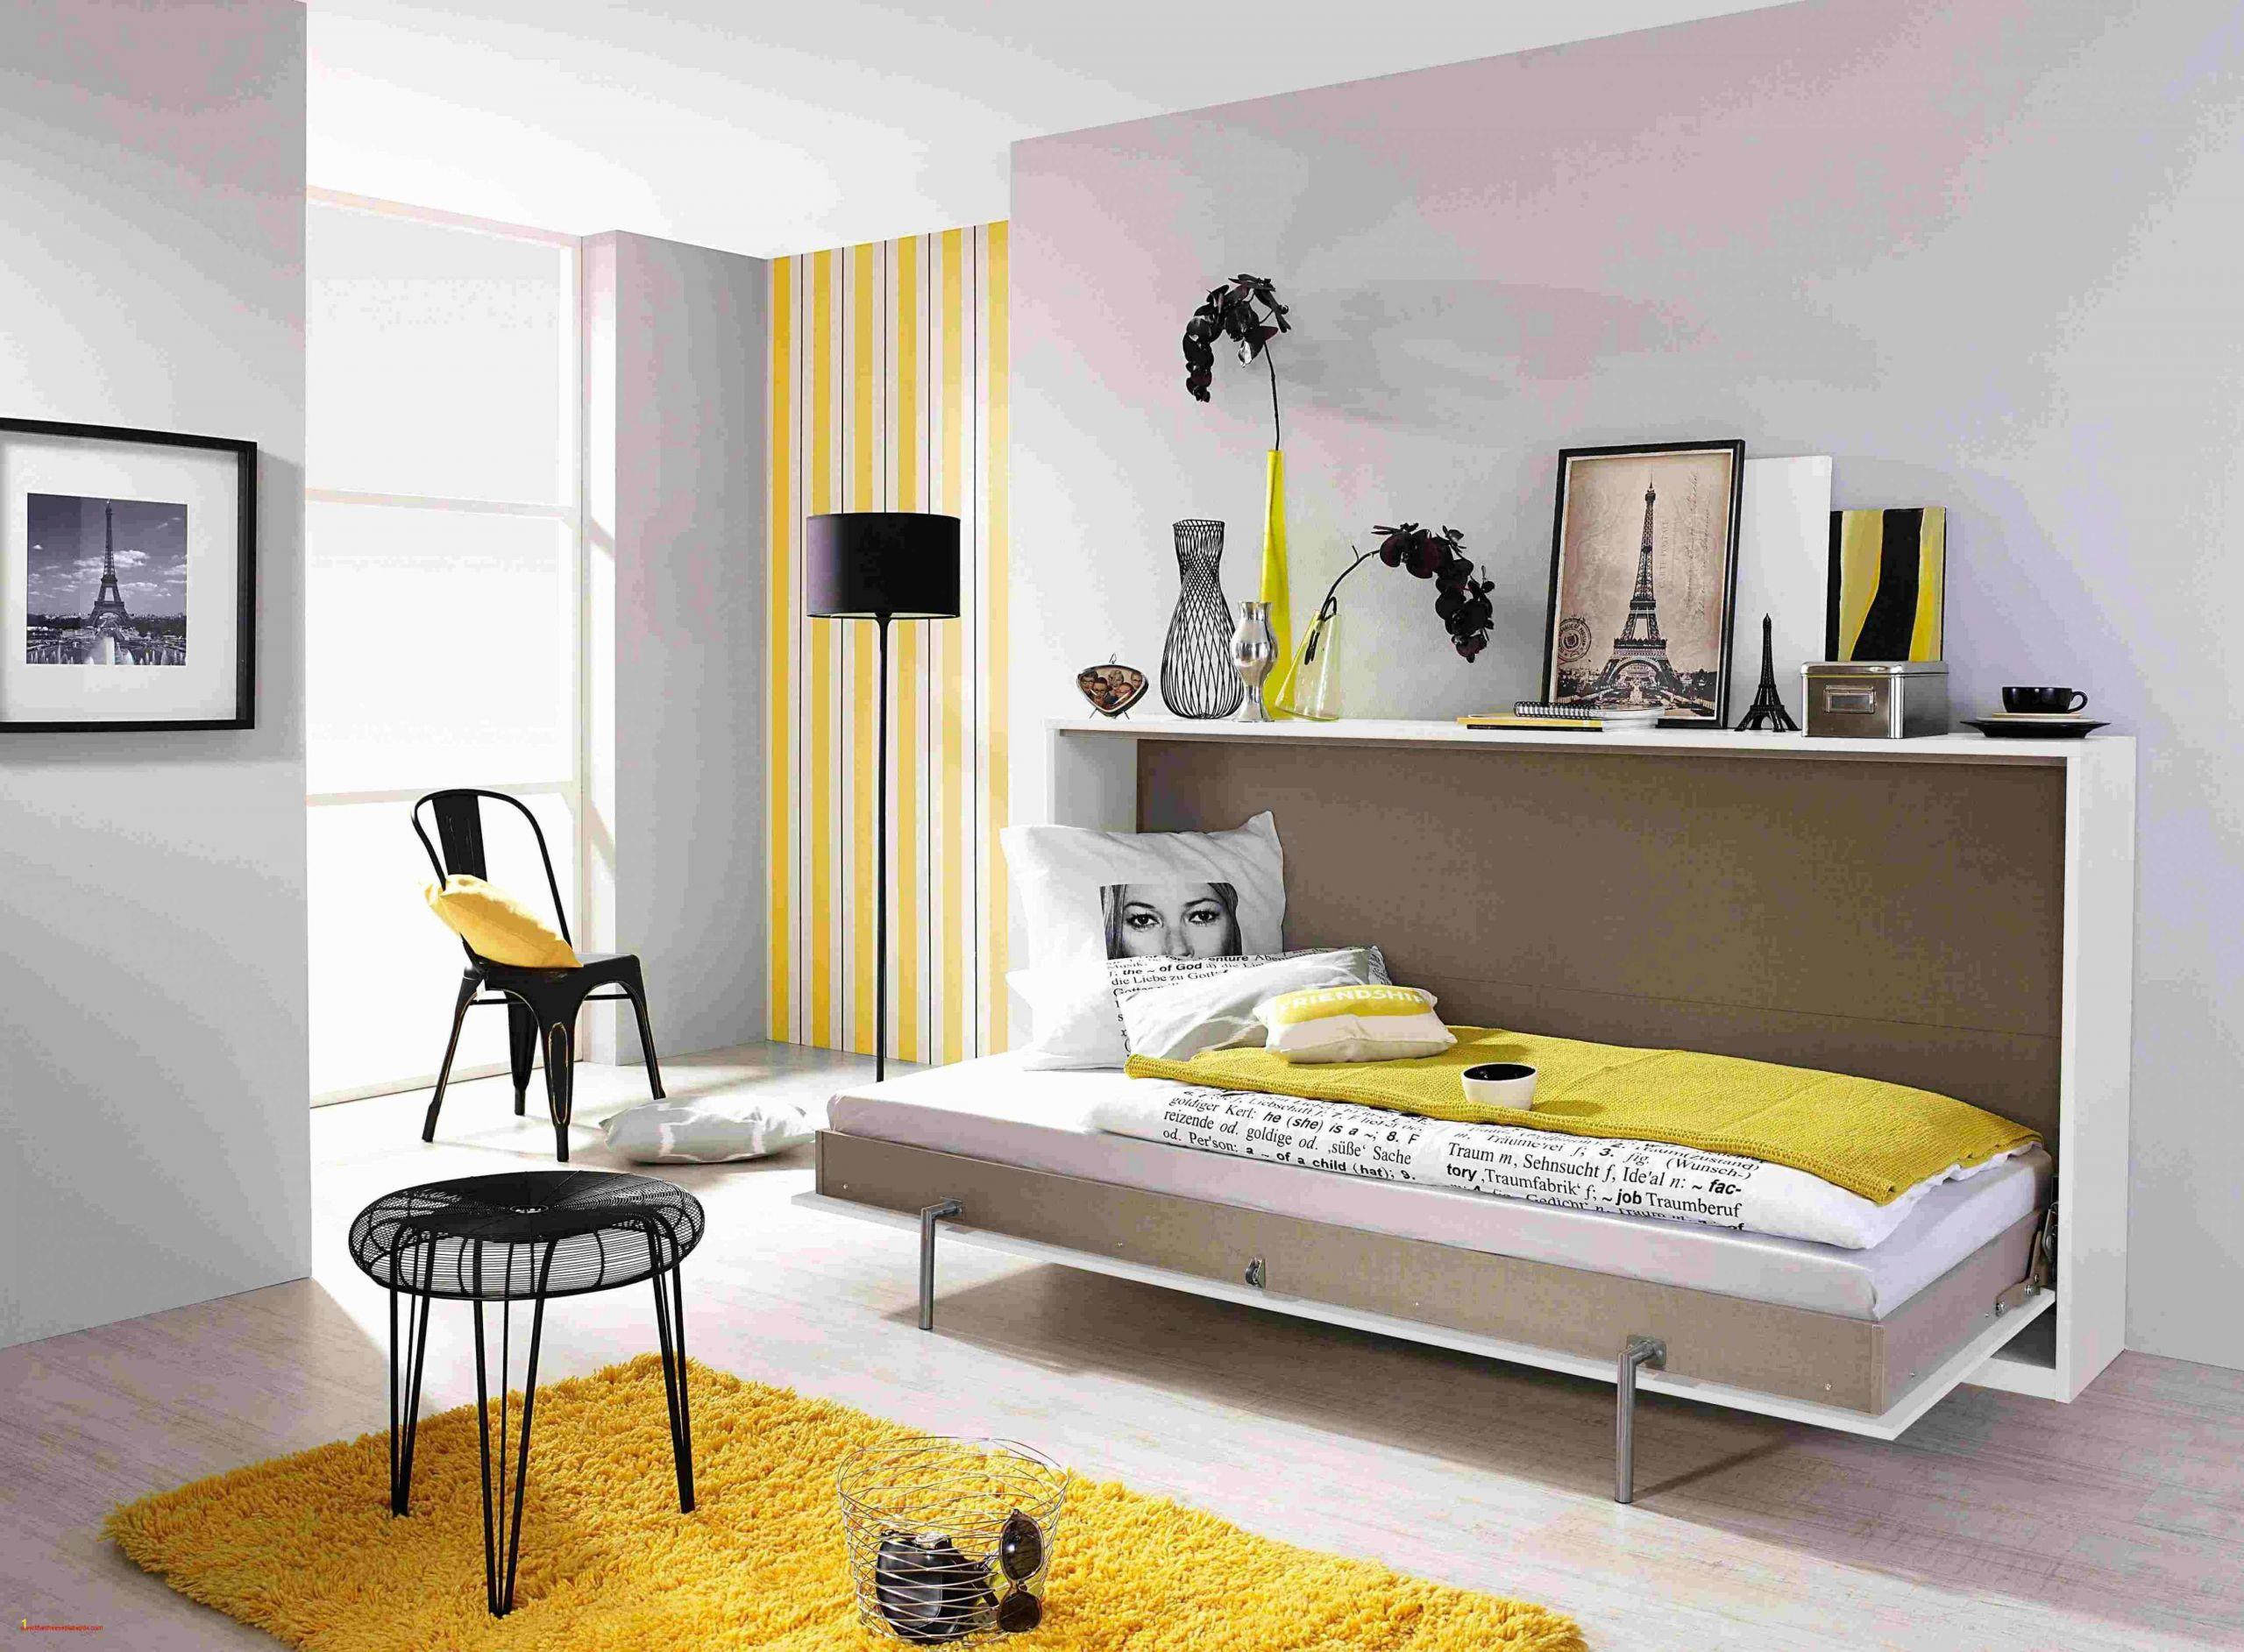 Möbelum Hochbett Inspirierend sofa Weiß Günstig Schön Inspirational Hochbett Für Kleine